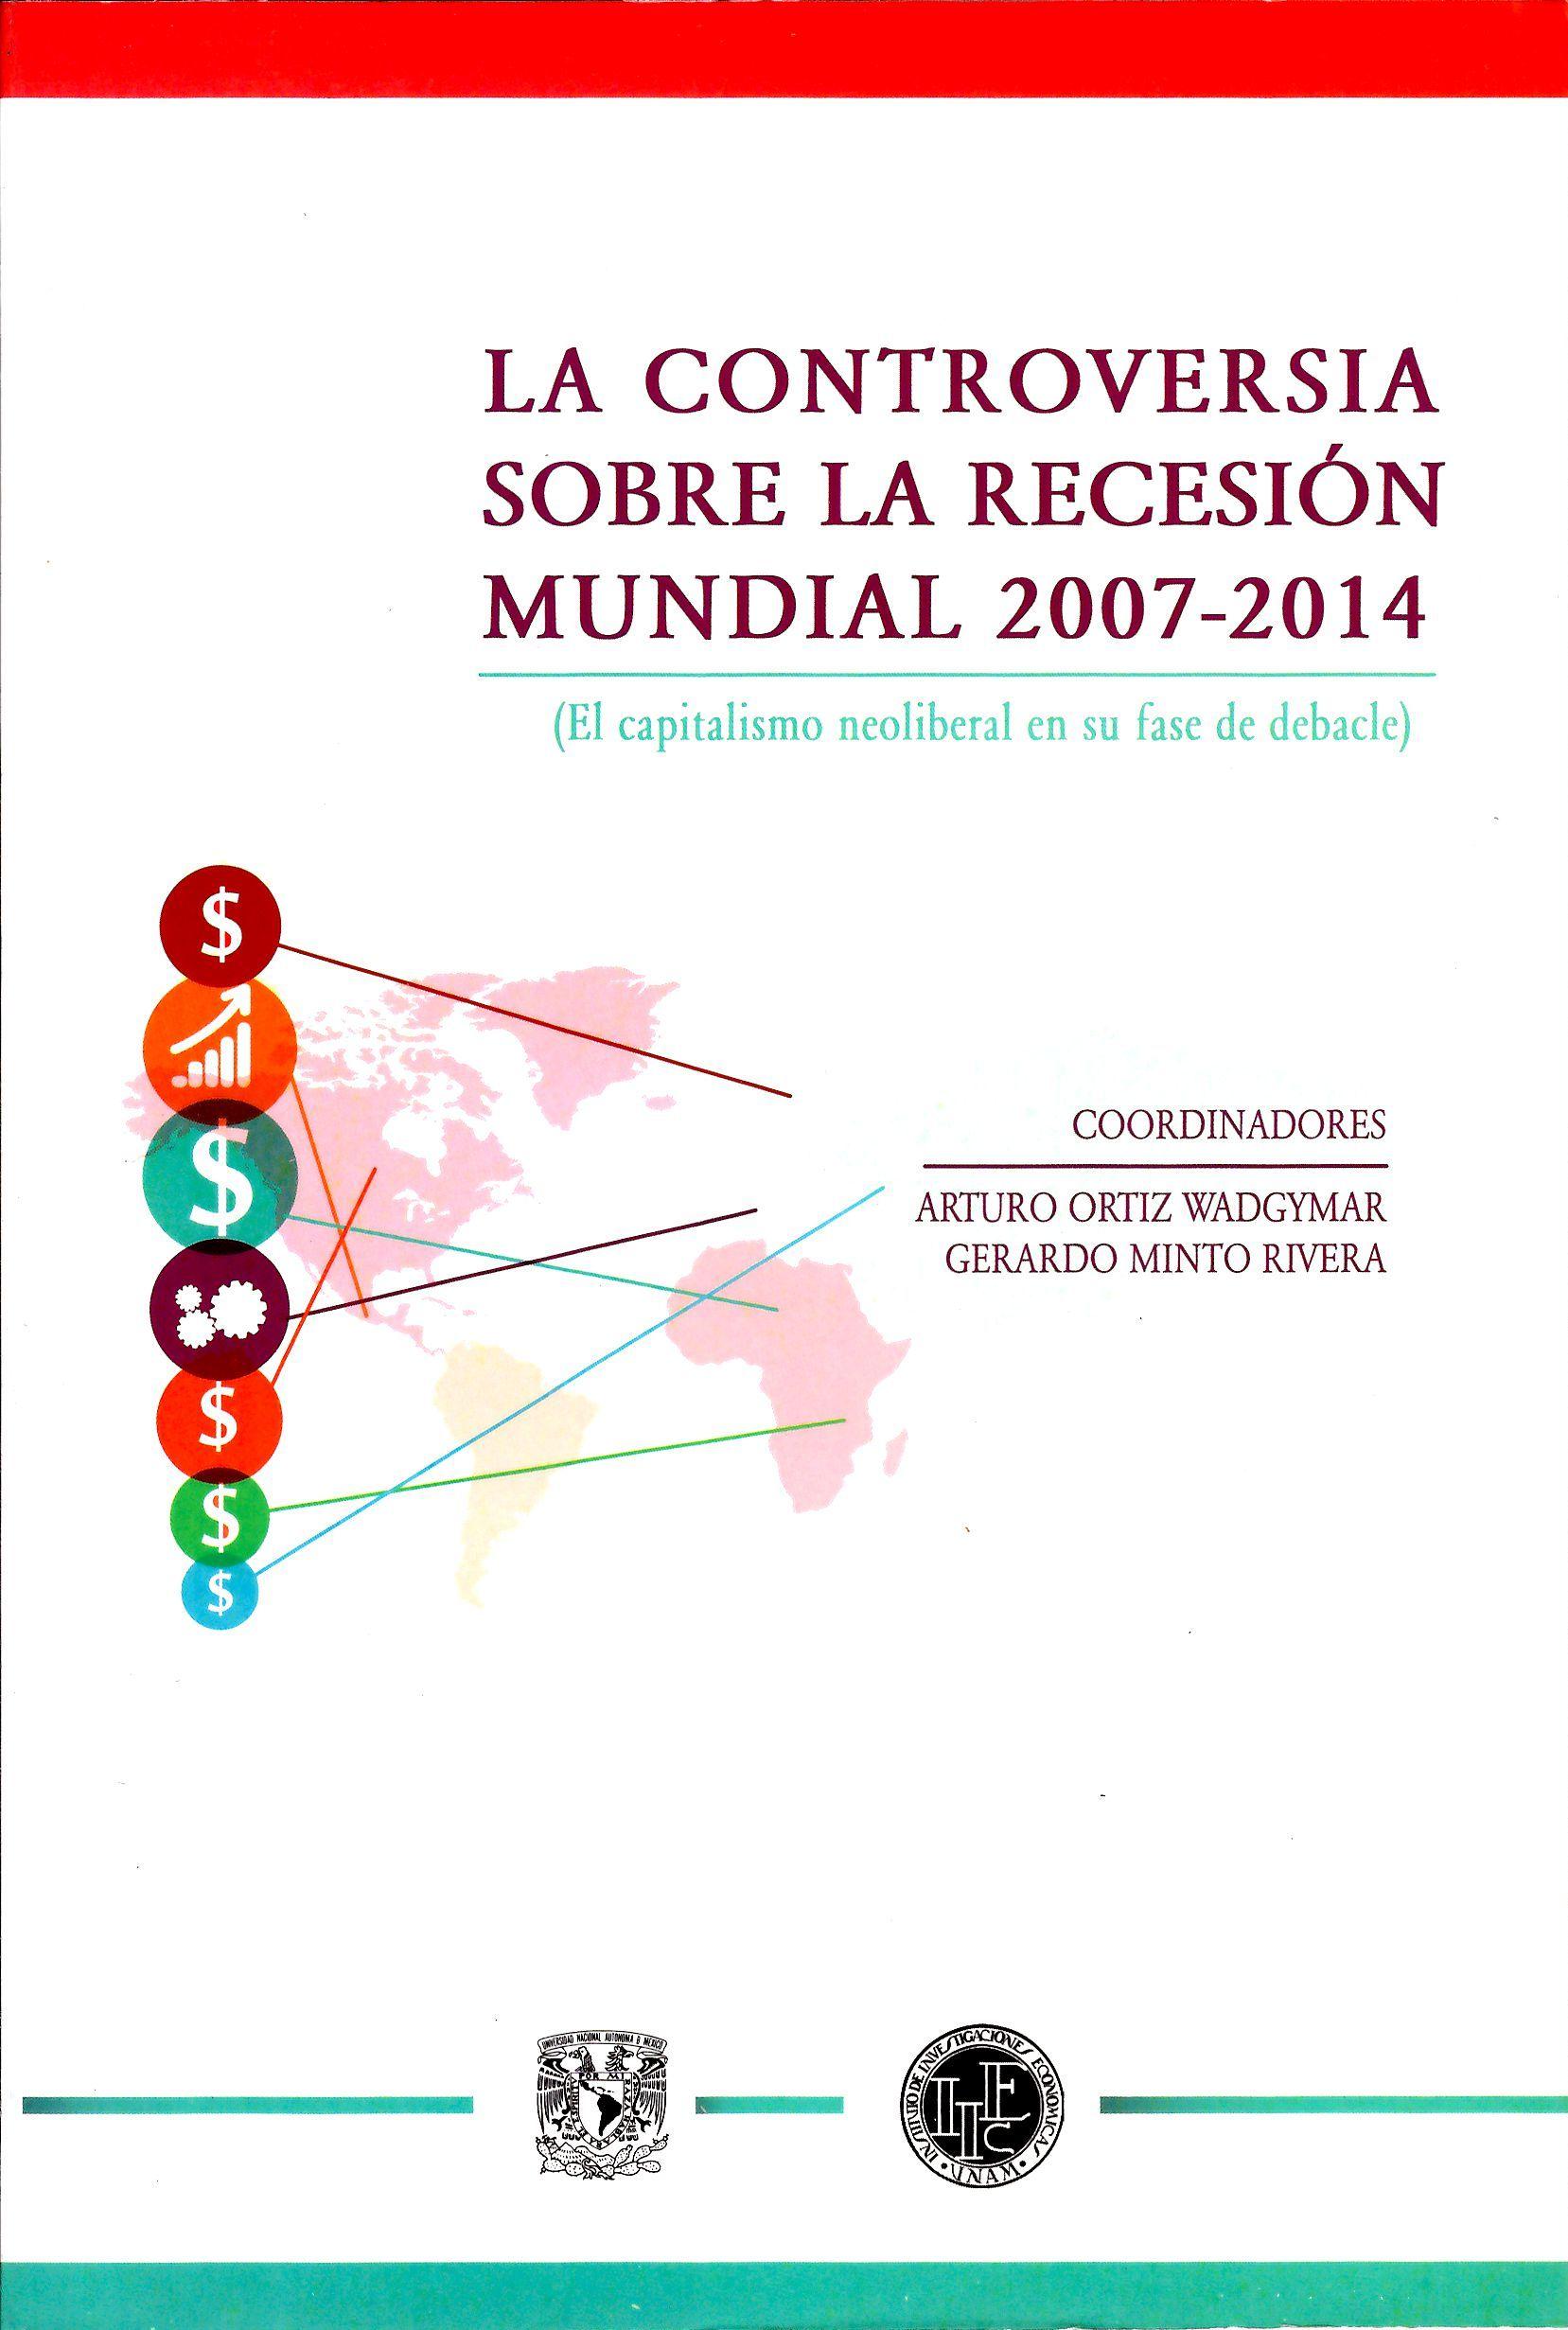 La controversia sobre la recesión mundial 2007-2014 El capitalismo neoliberal en su fase de debacle